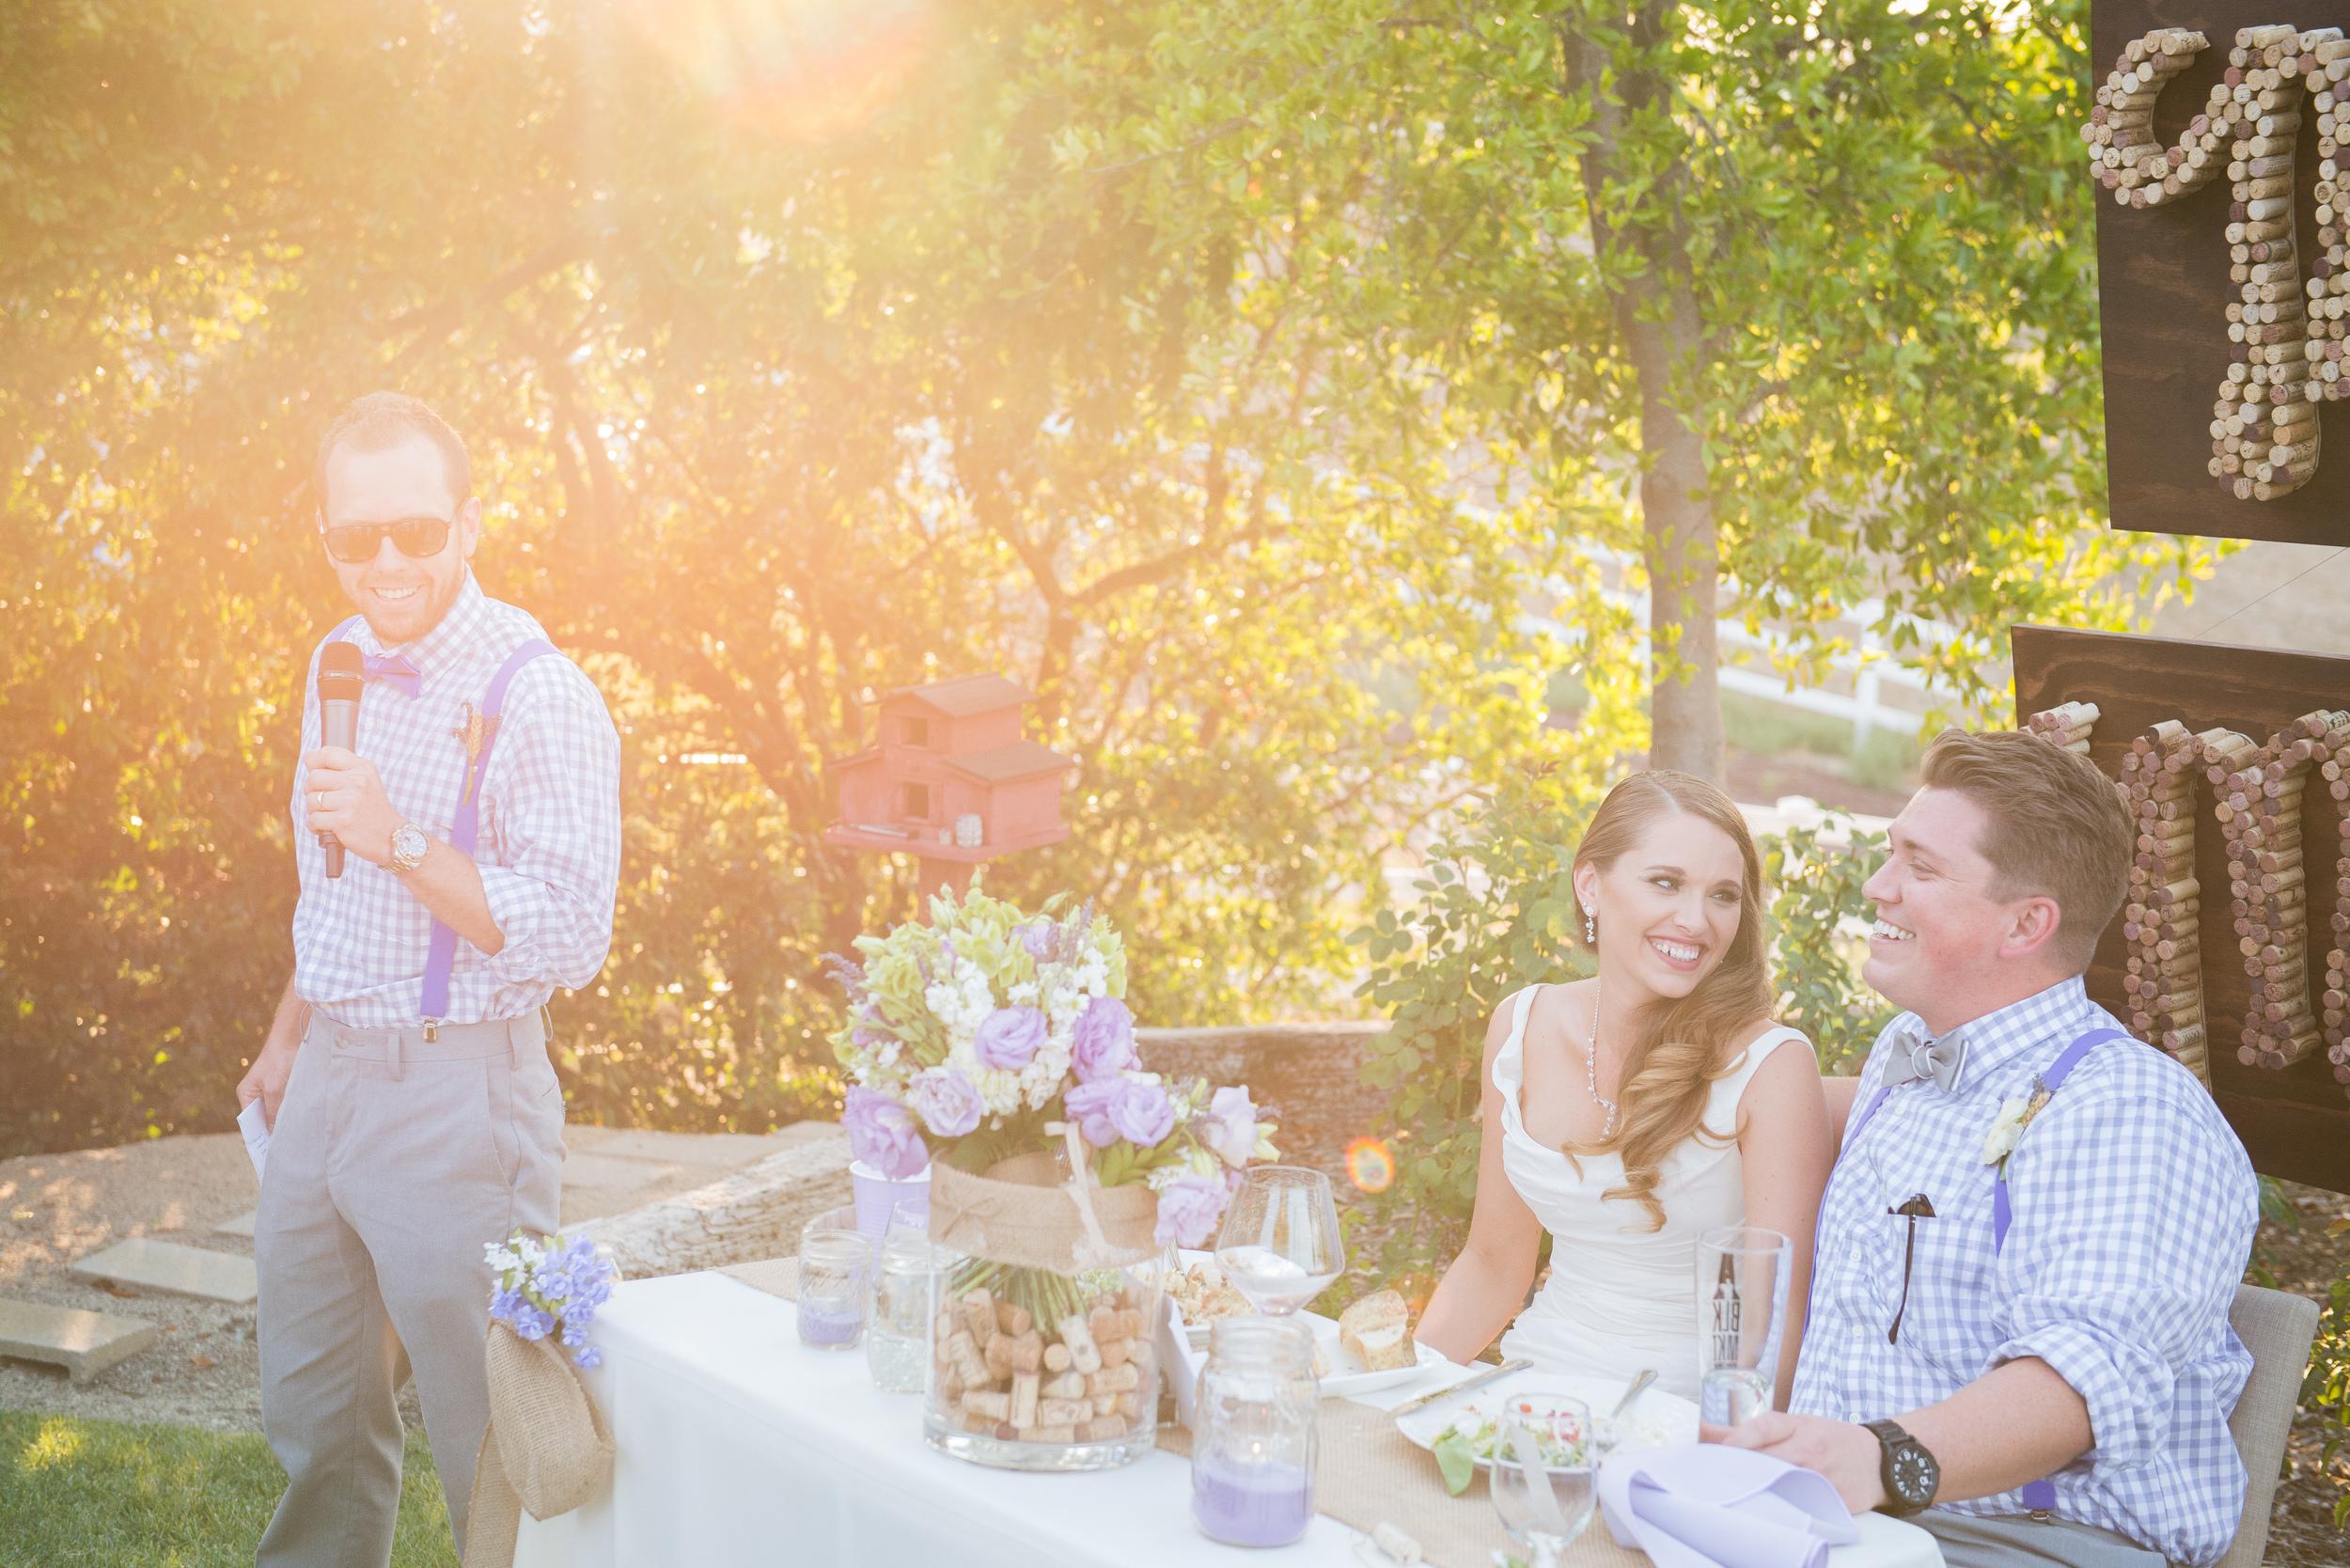 JulieJones_Wedding_Alex+Cassie-14.jpg